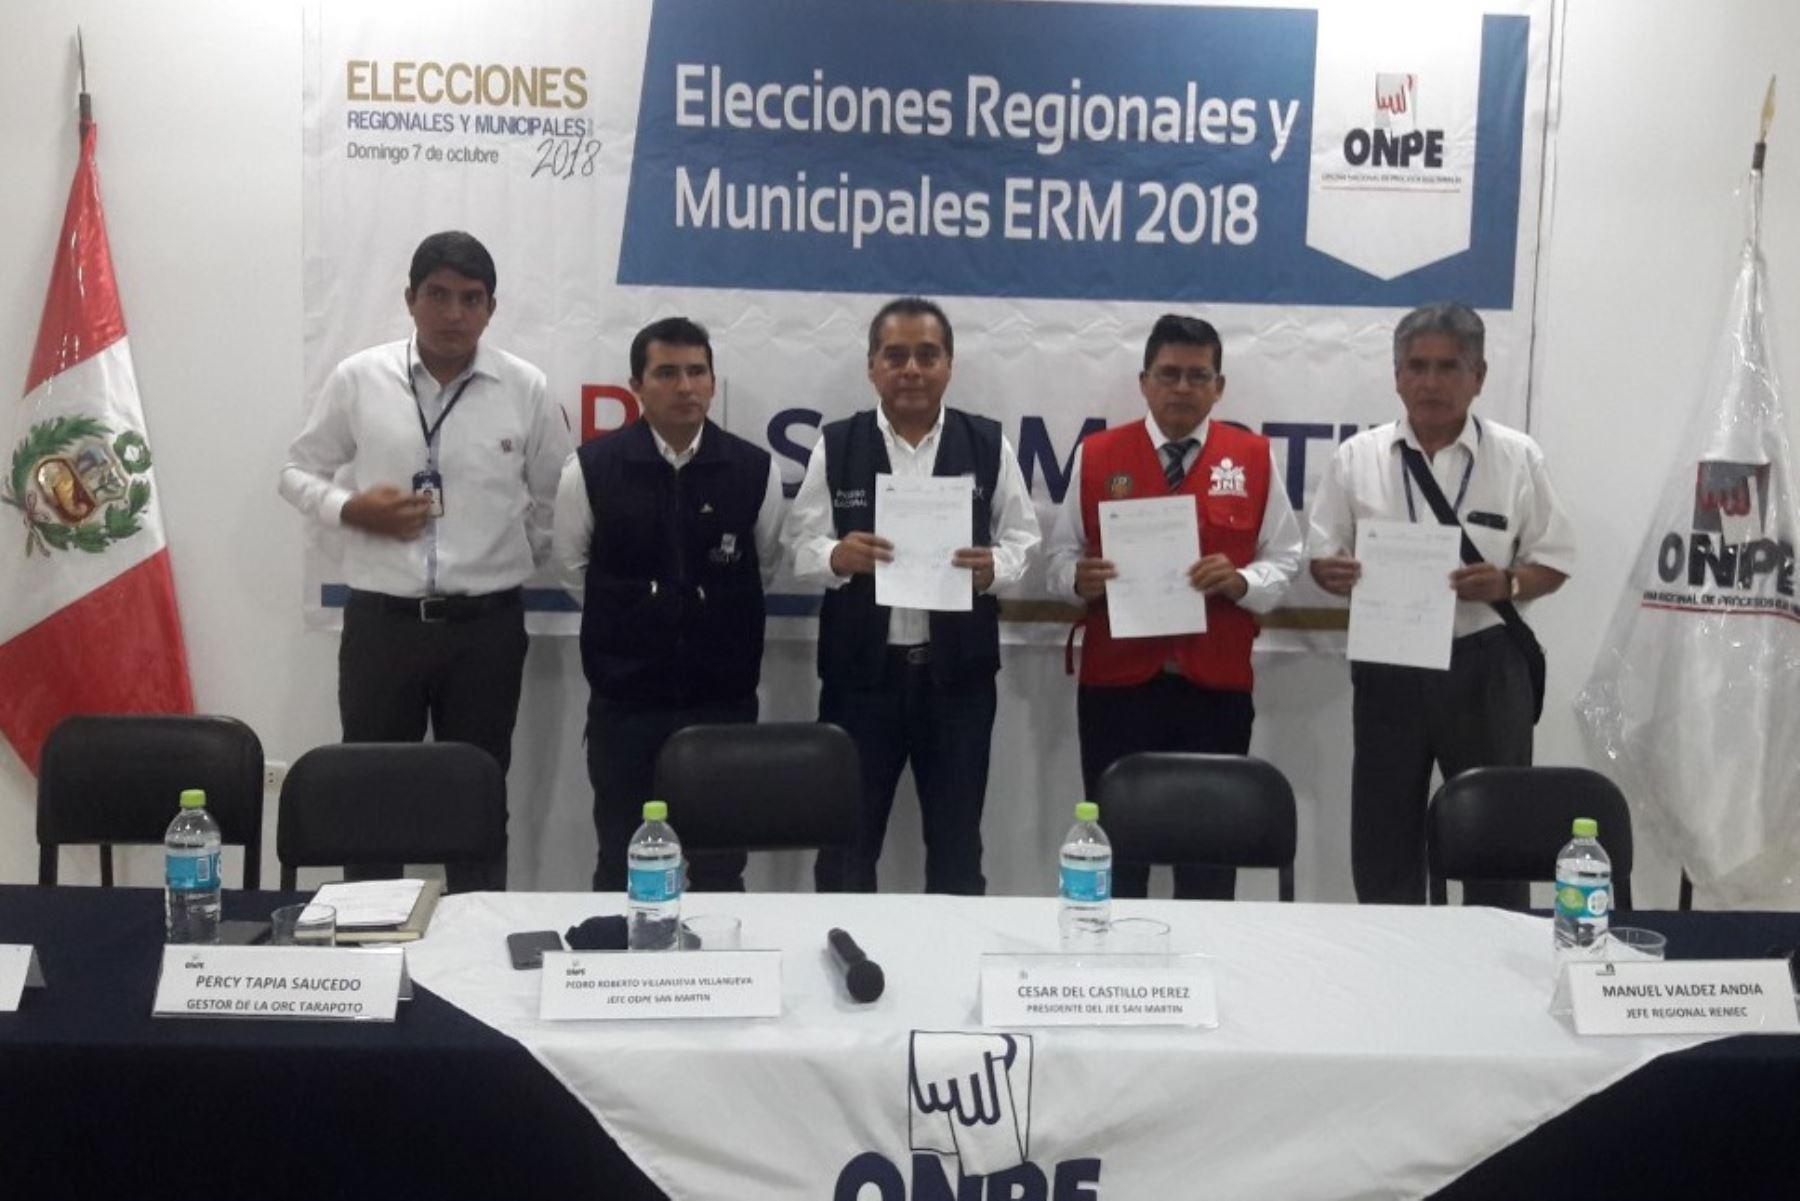 Ocho listas postulan al Gobierno Regional de San Martín. ANDINA